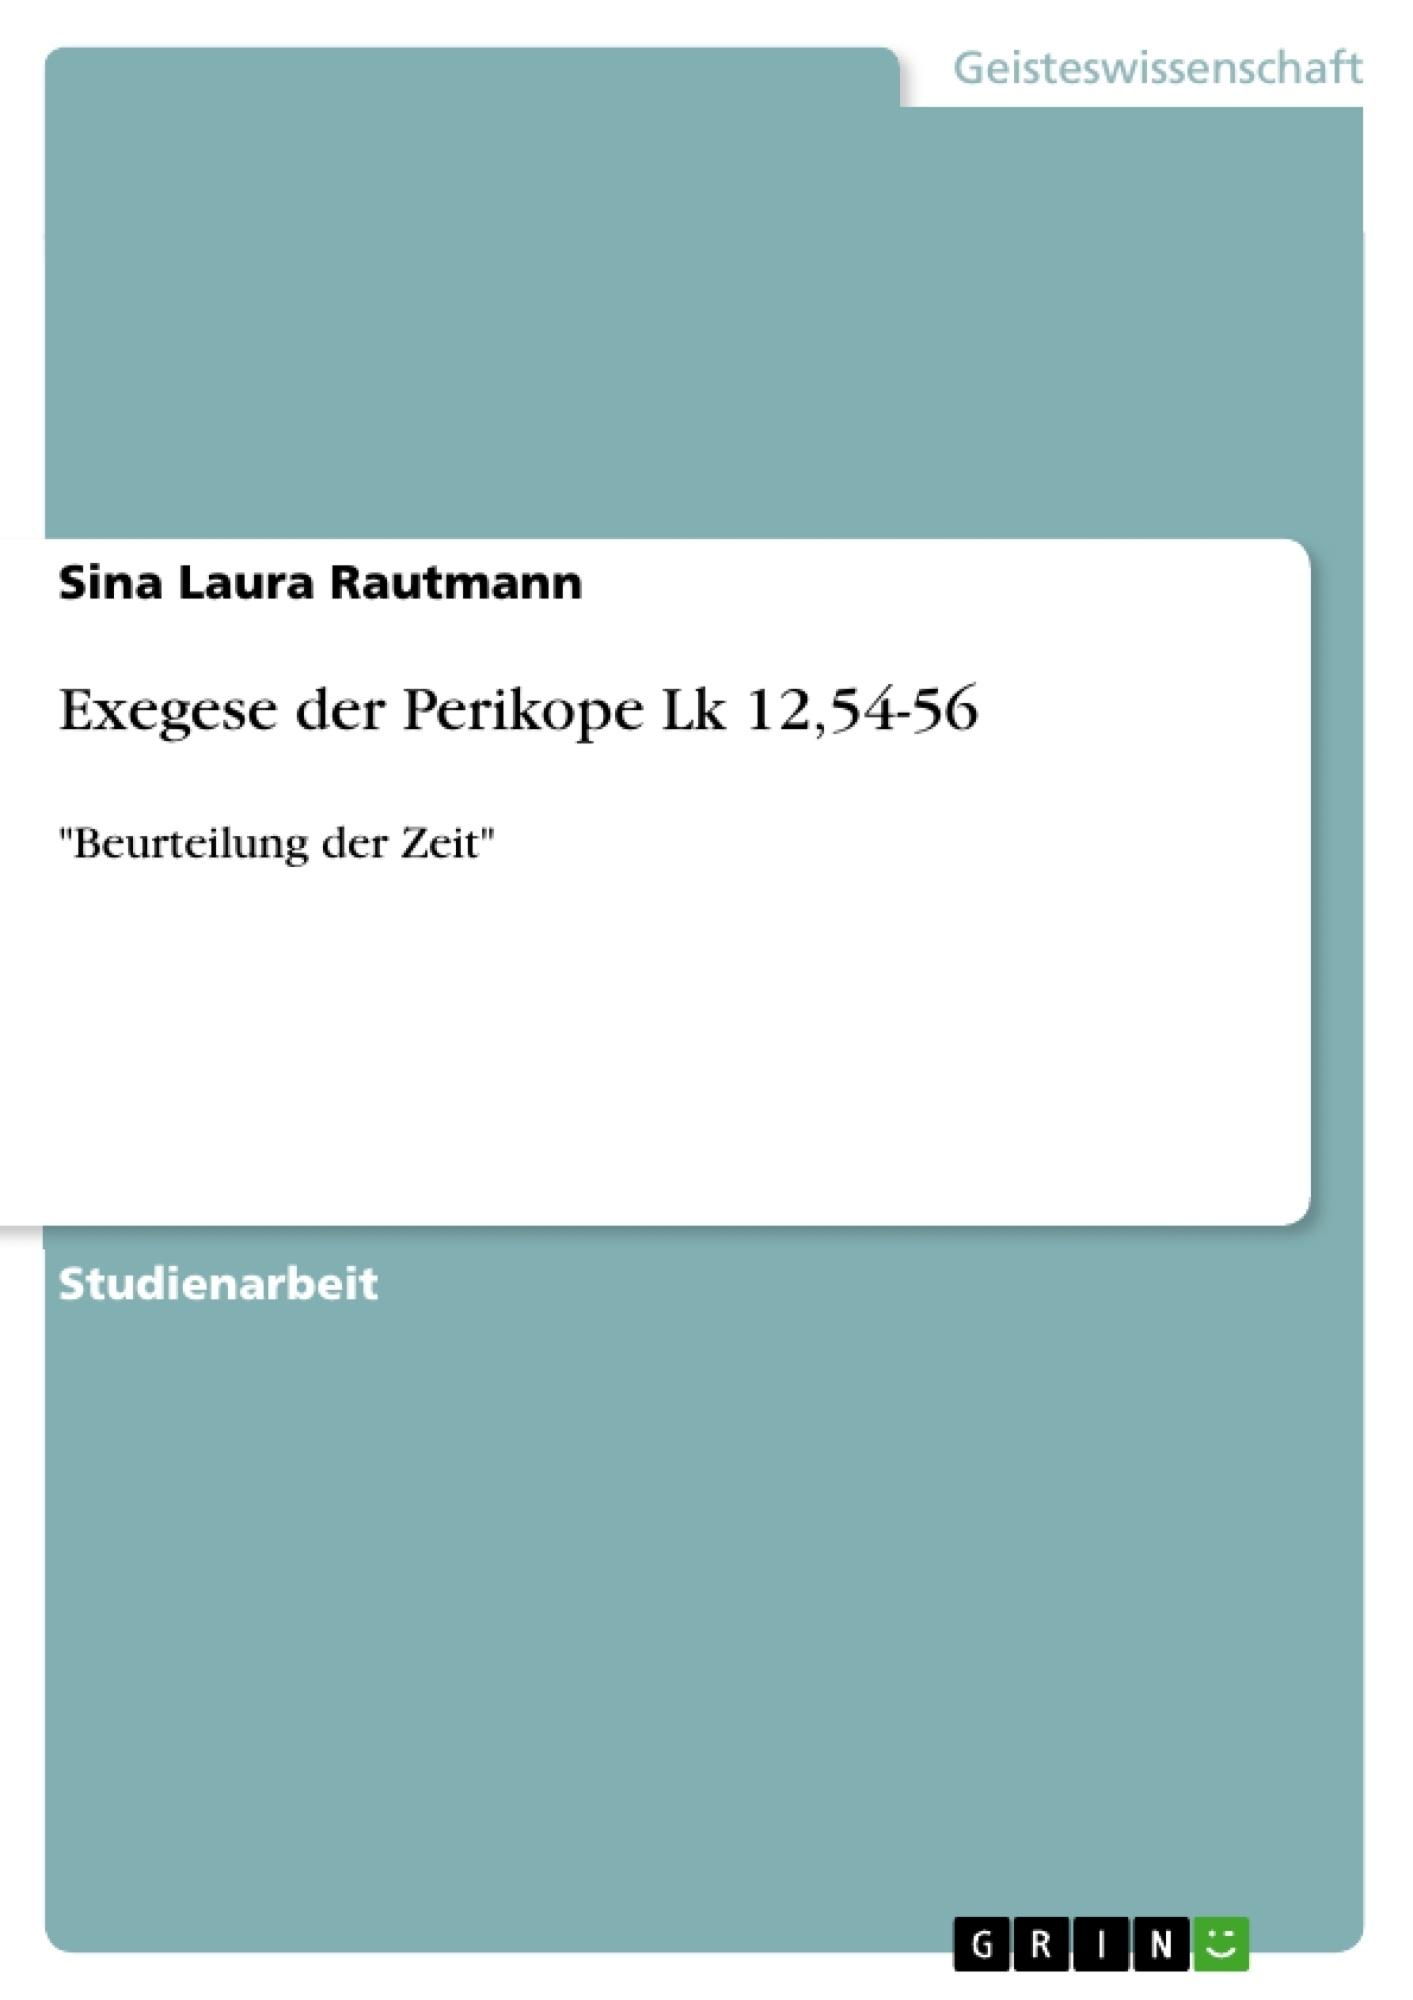 Titel: Exegese der Perikope Lk 12,54-56